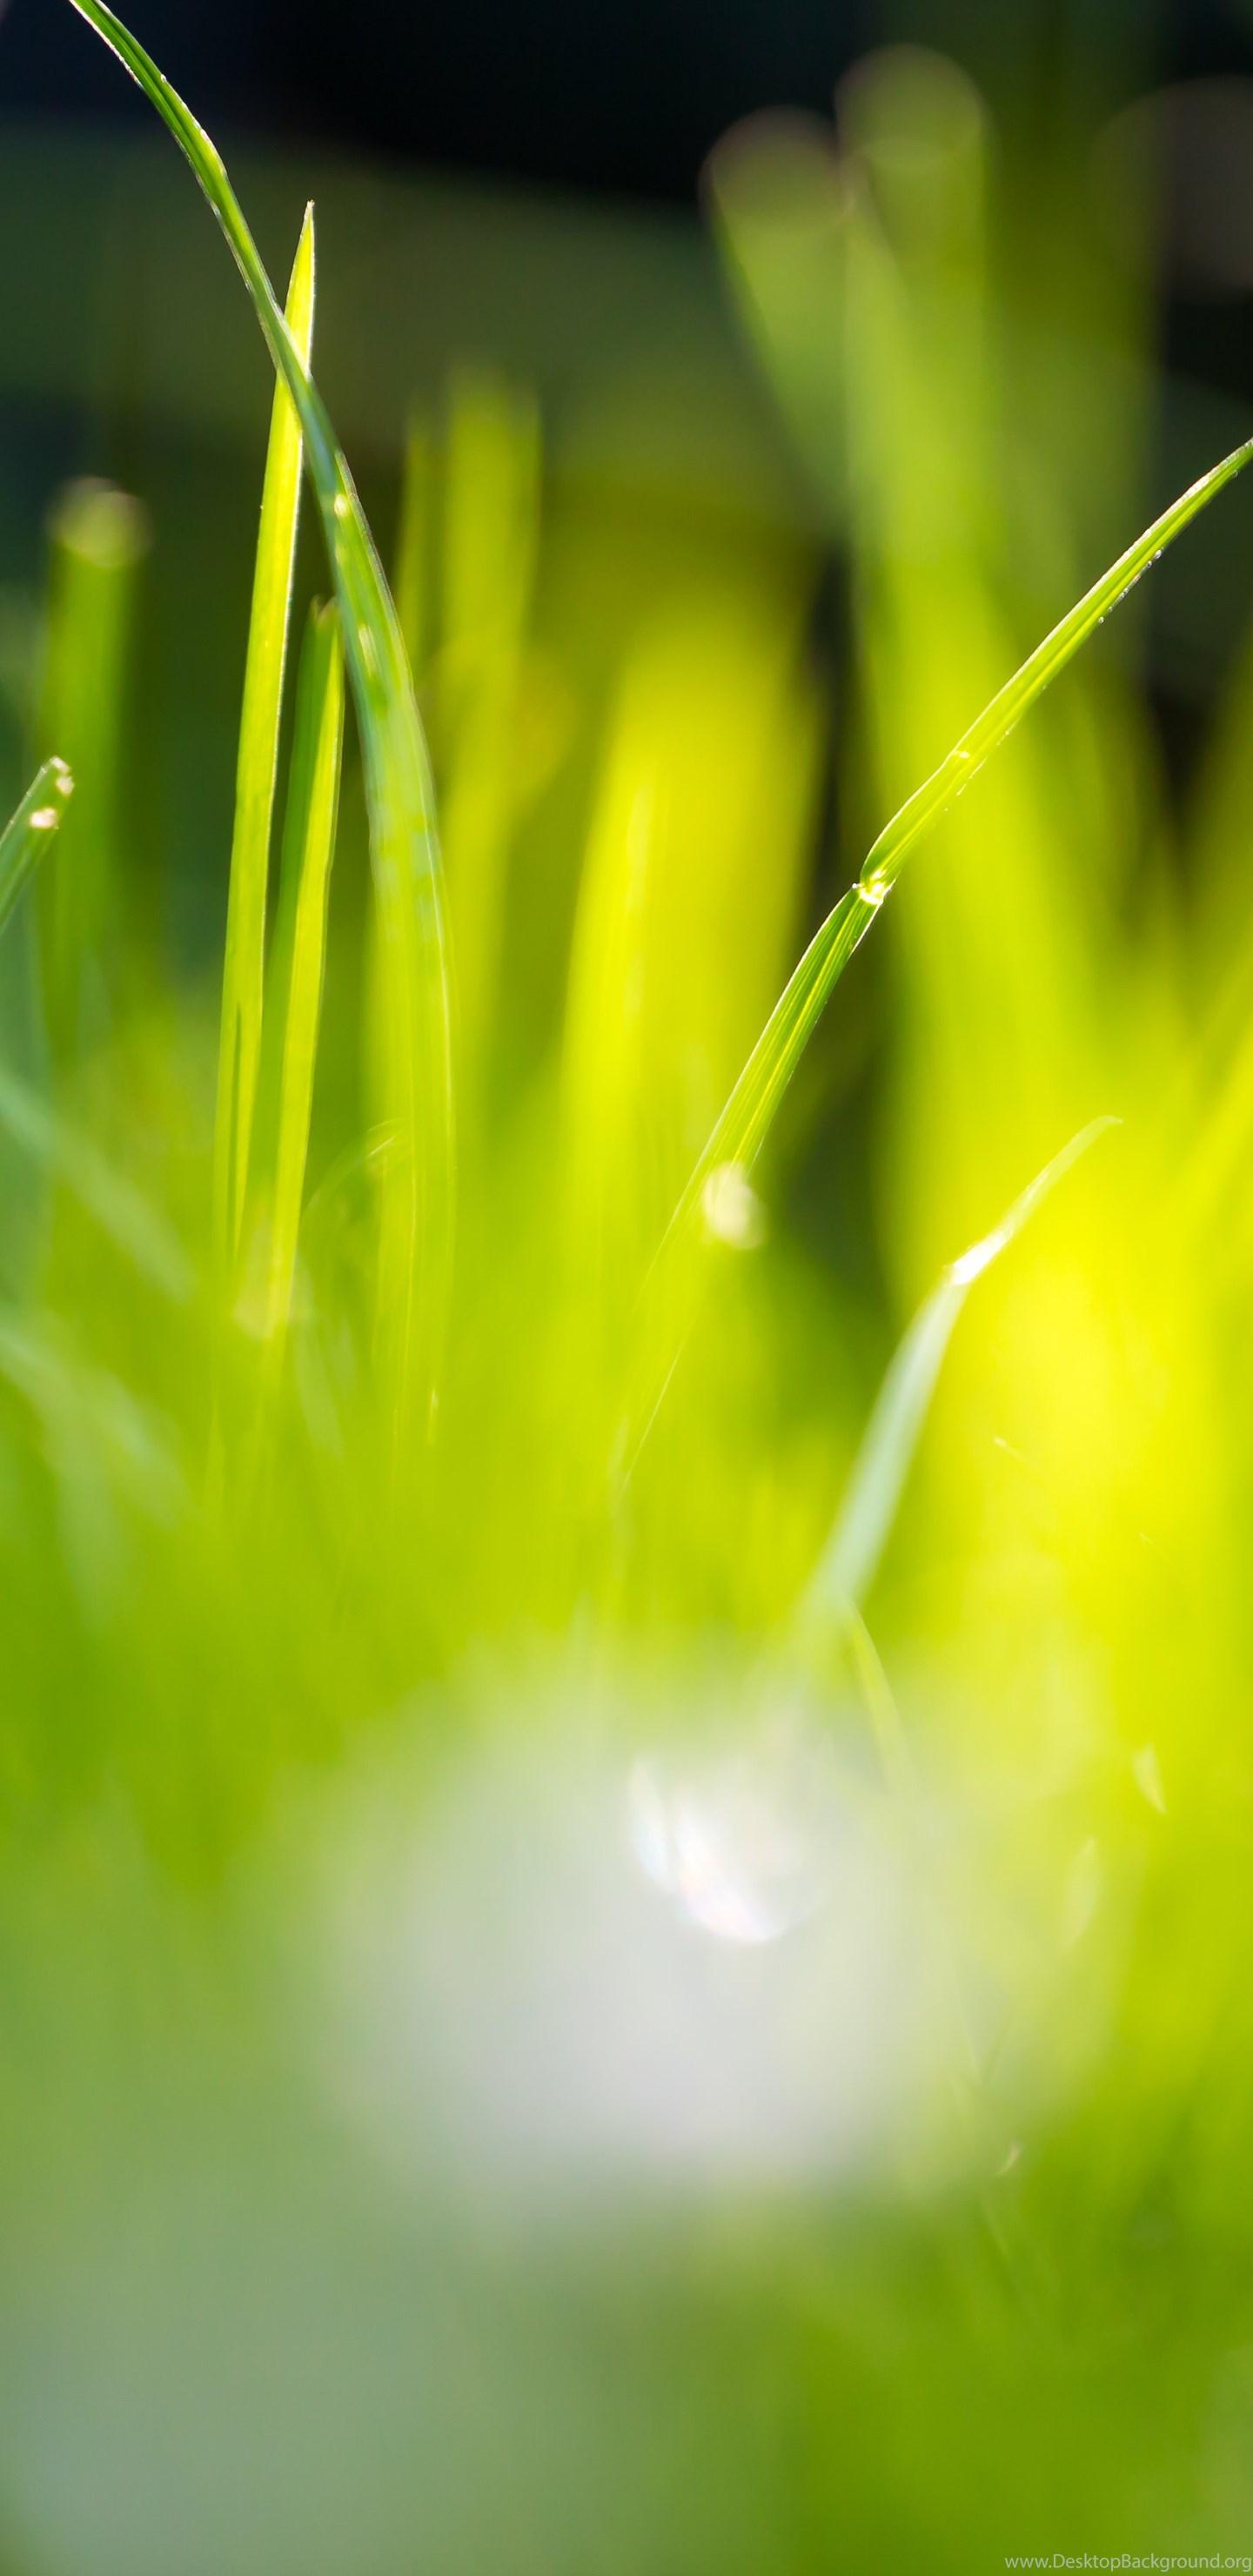 12 Beautiful Green Grass Field Hd Wallpapers Desktop Background